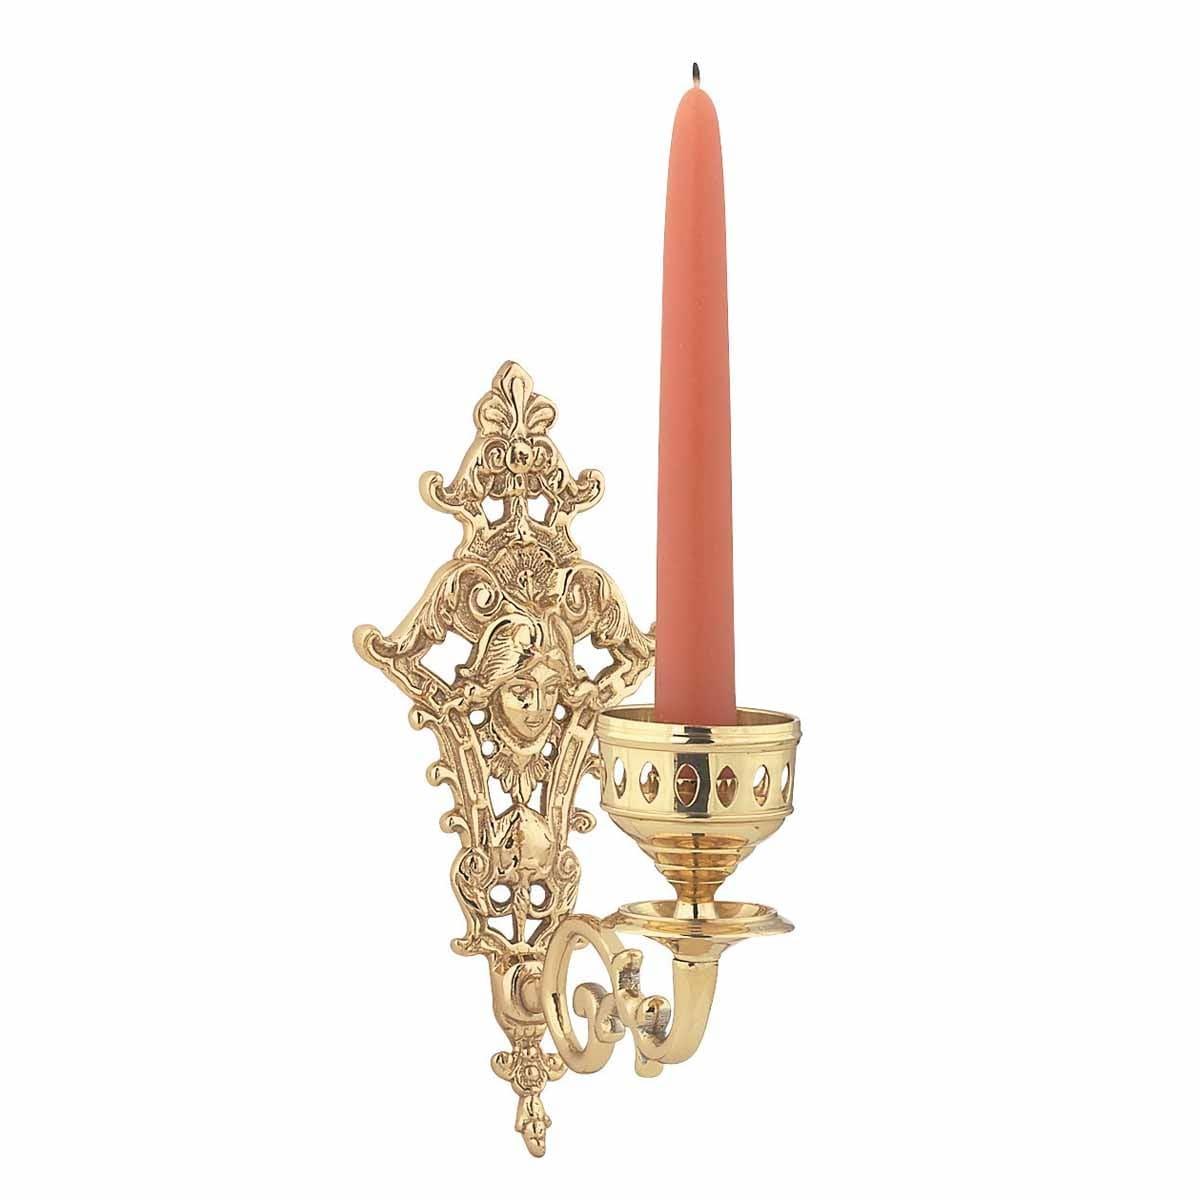 Shop Vintage Brass Wall Sconce Medusa Candle Holder Renovators